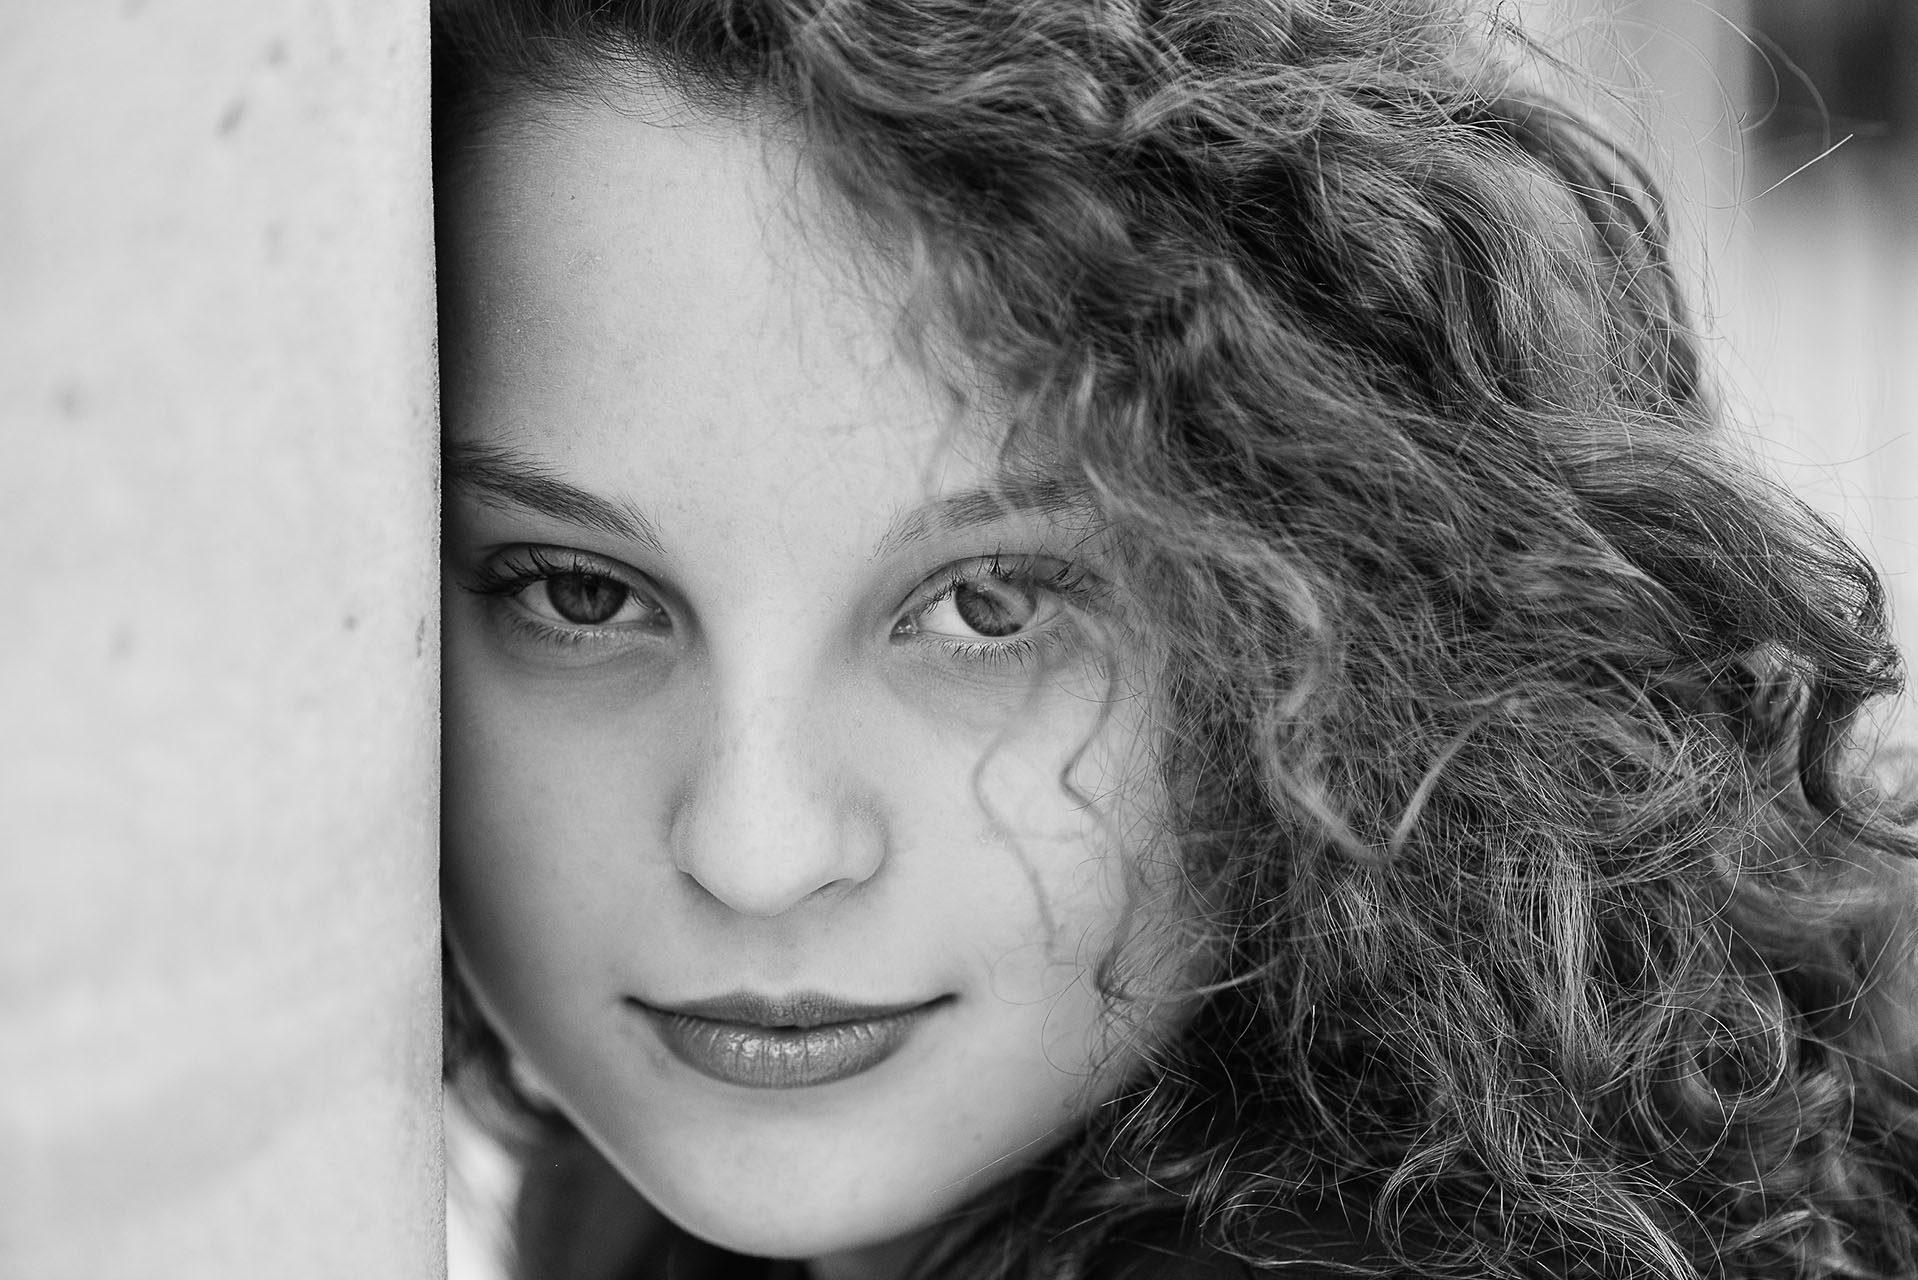 photographe-portraits-book-comedien-ile-de-france-essonne